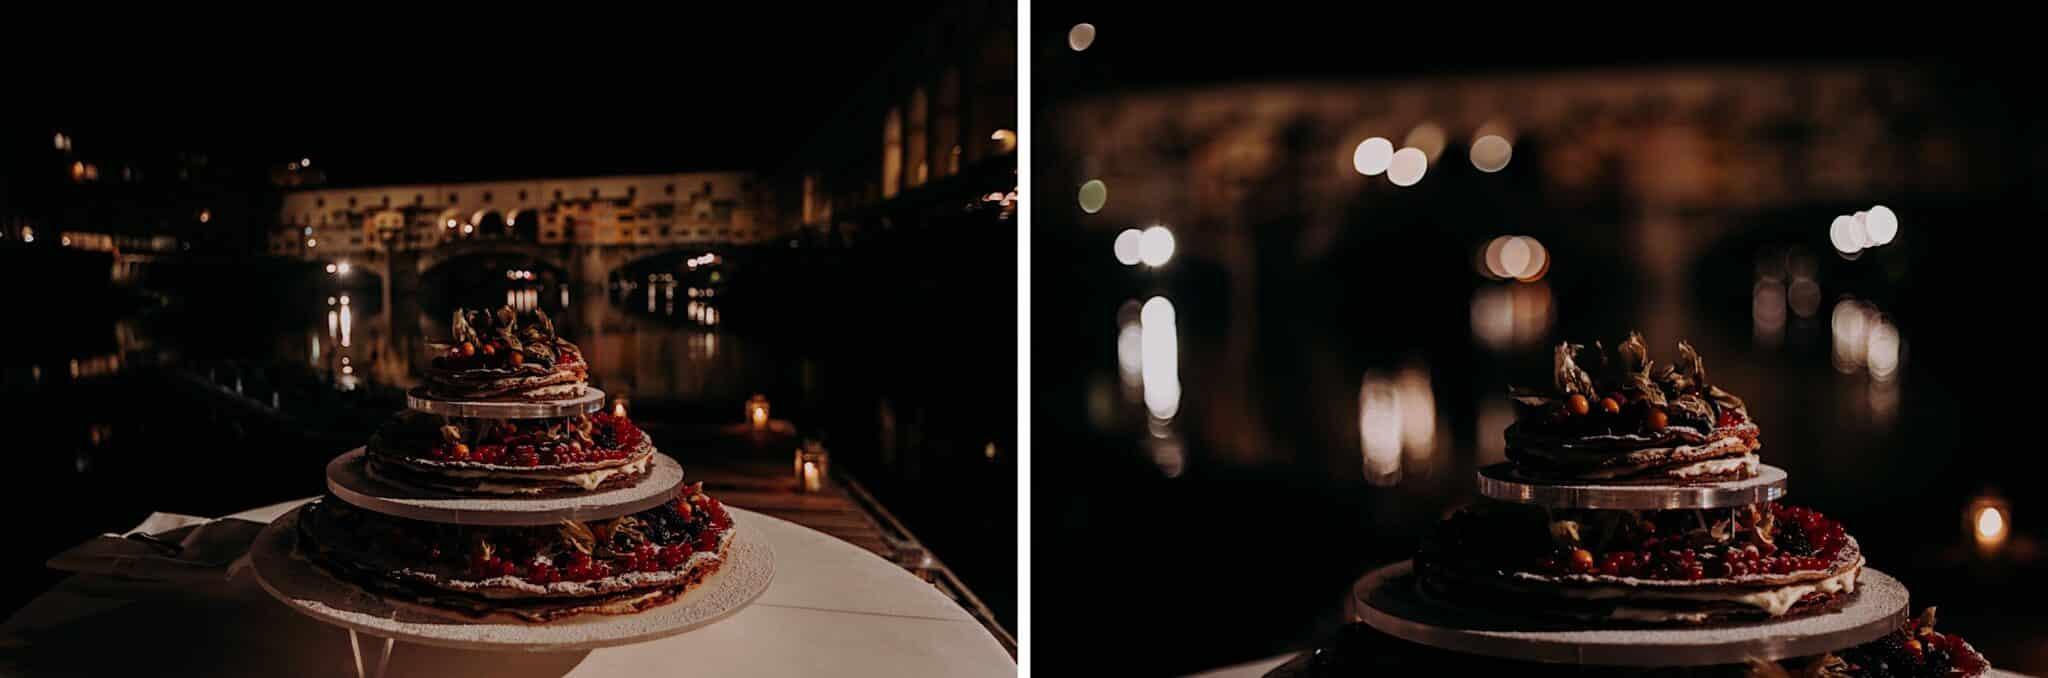 taglio della torta con vista del Ponte Vecchio, società dei Canottieri di Firenze